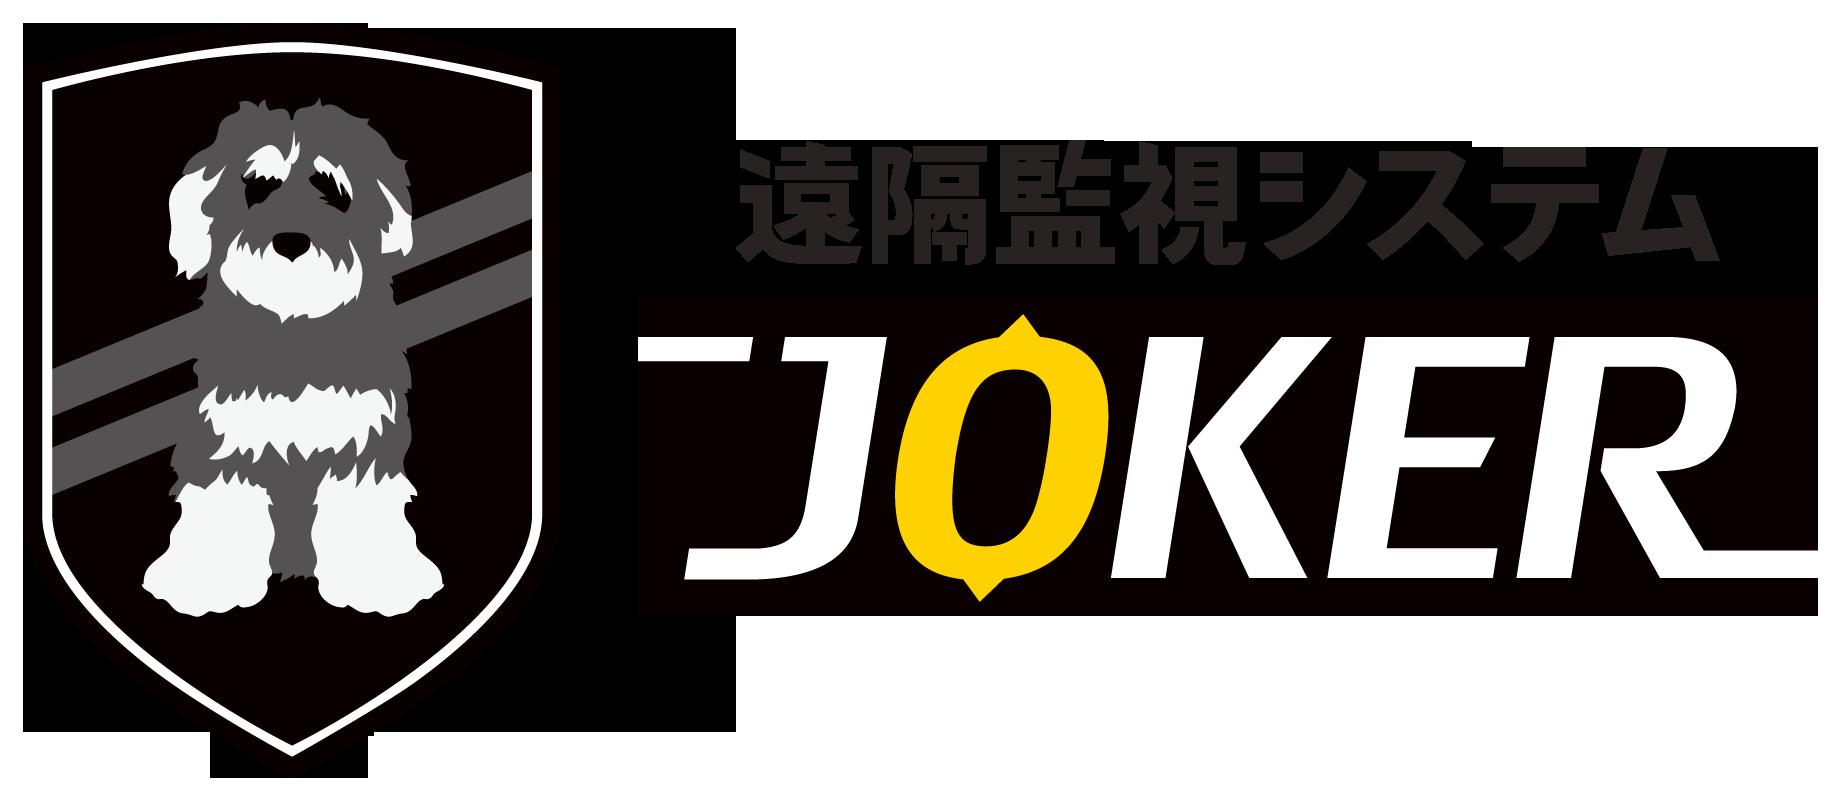 遠隔監視システム「JOKER」